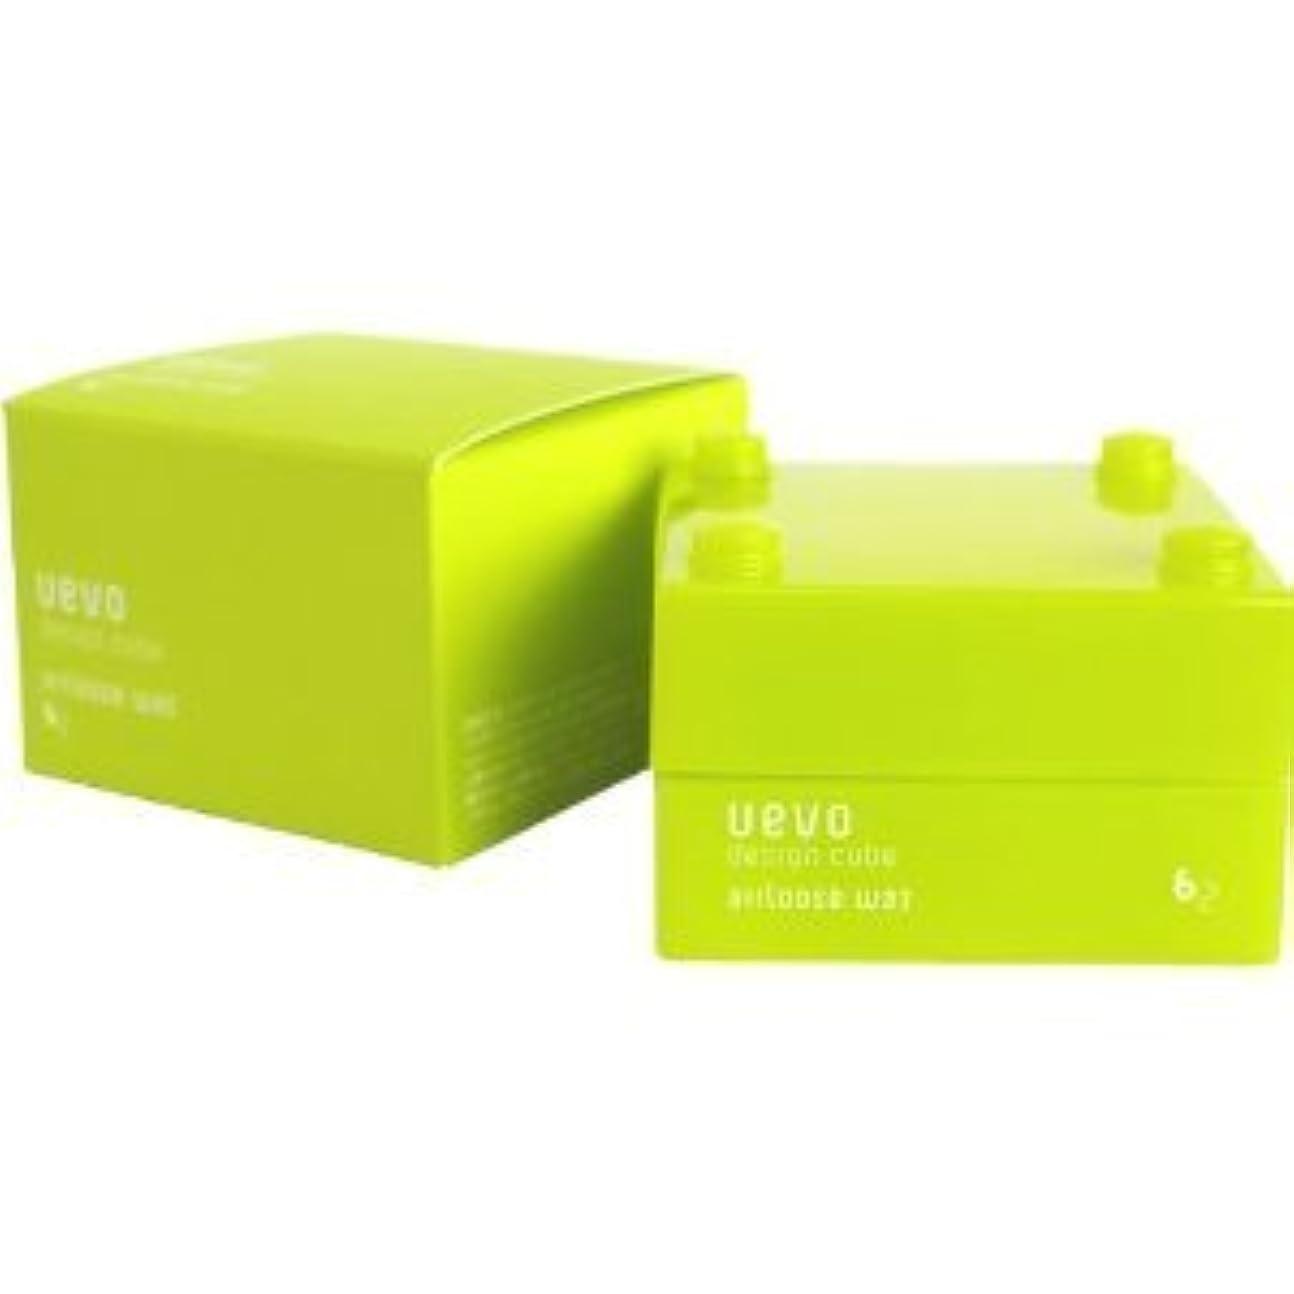 期限パイプ接続詞【X2個セット】 デミ ウェーボ デザインキューブ エアルーズワックス 30g airloose wax DEMI uevo design cube